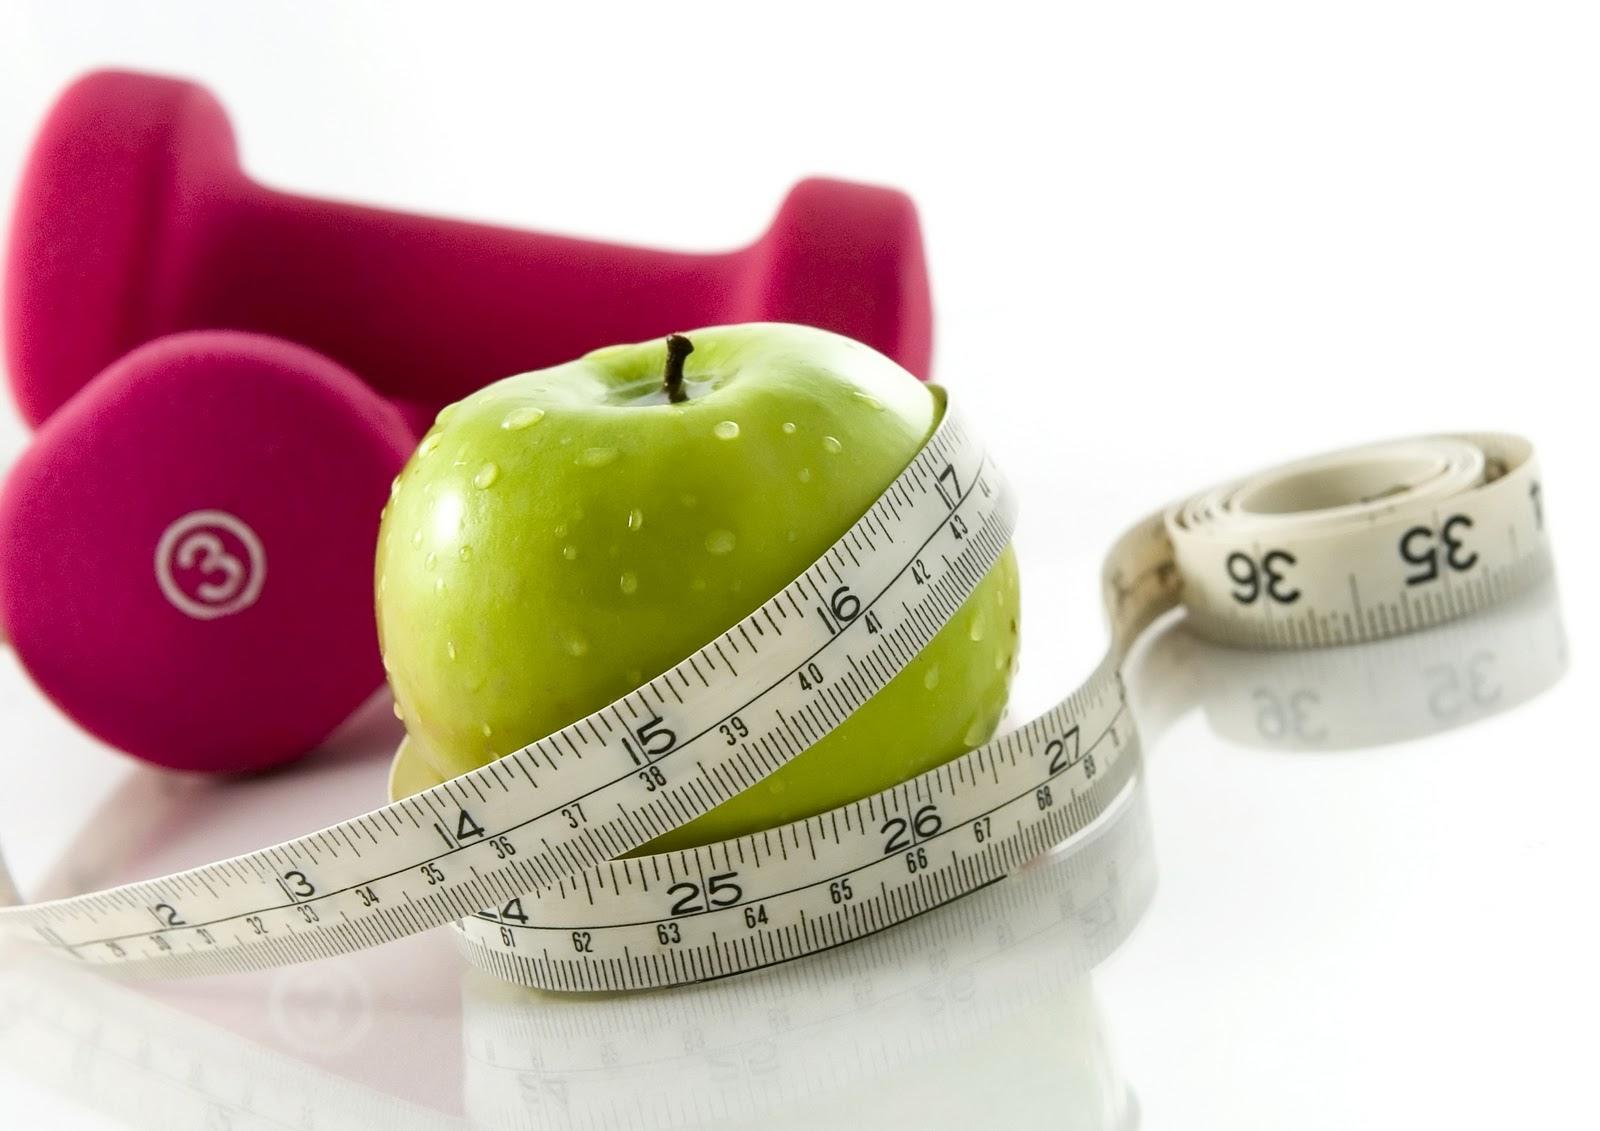 صور طرق تخفيف الوزن , احصل على جسم مثالي بهذه الطرق